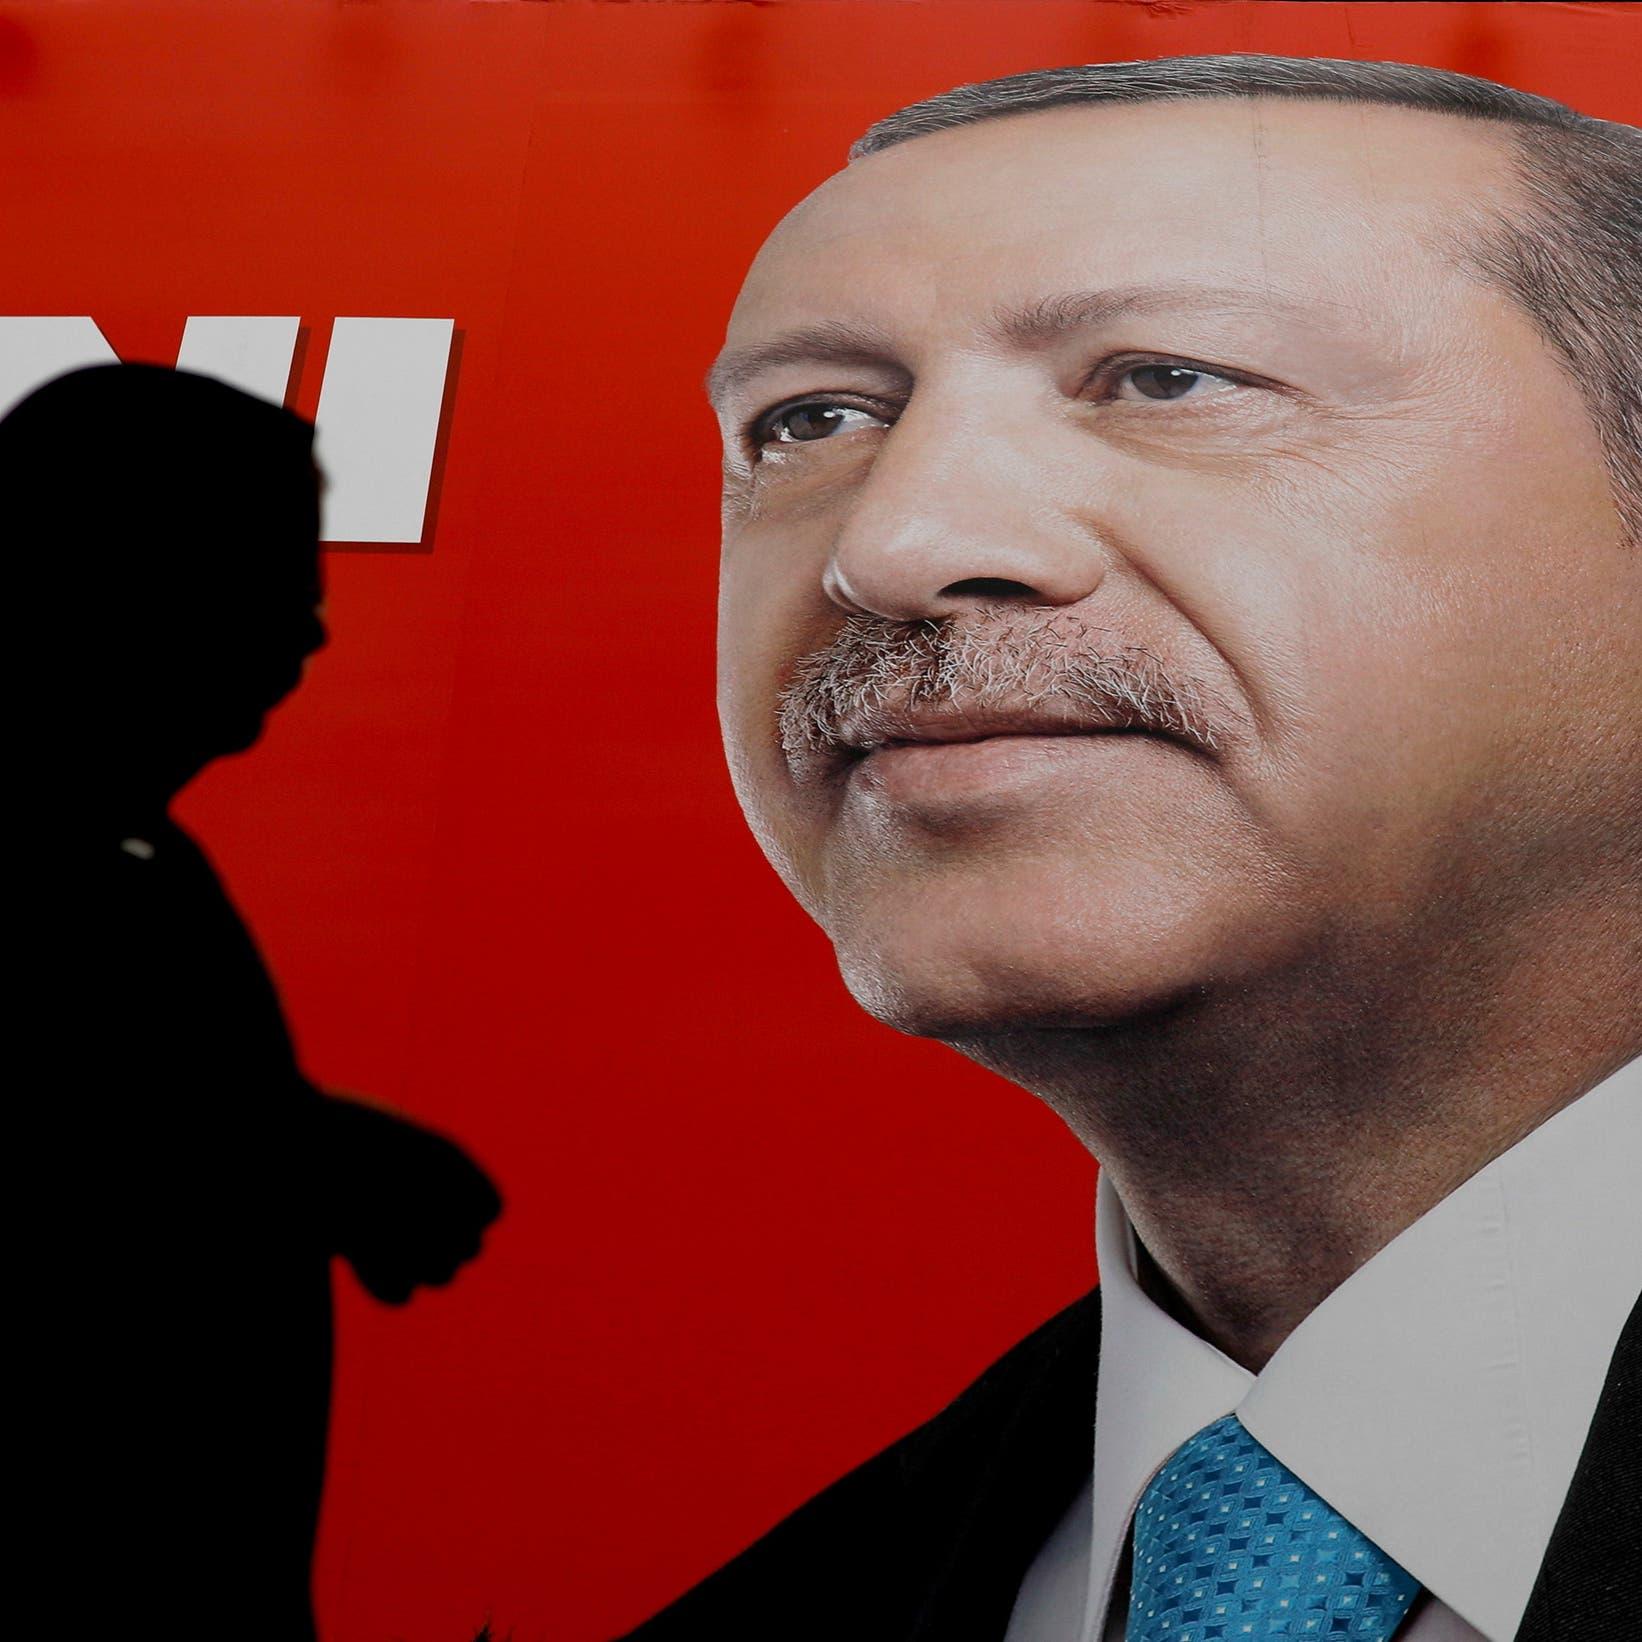 أردوغان يلجأ إلى التعاونيات للسيطرة على تضخم في الأسعار يهدد شعبيته